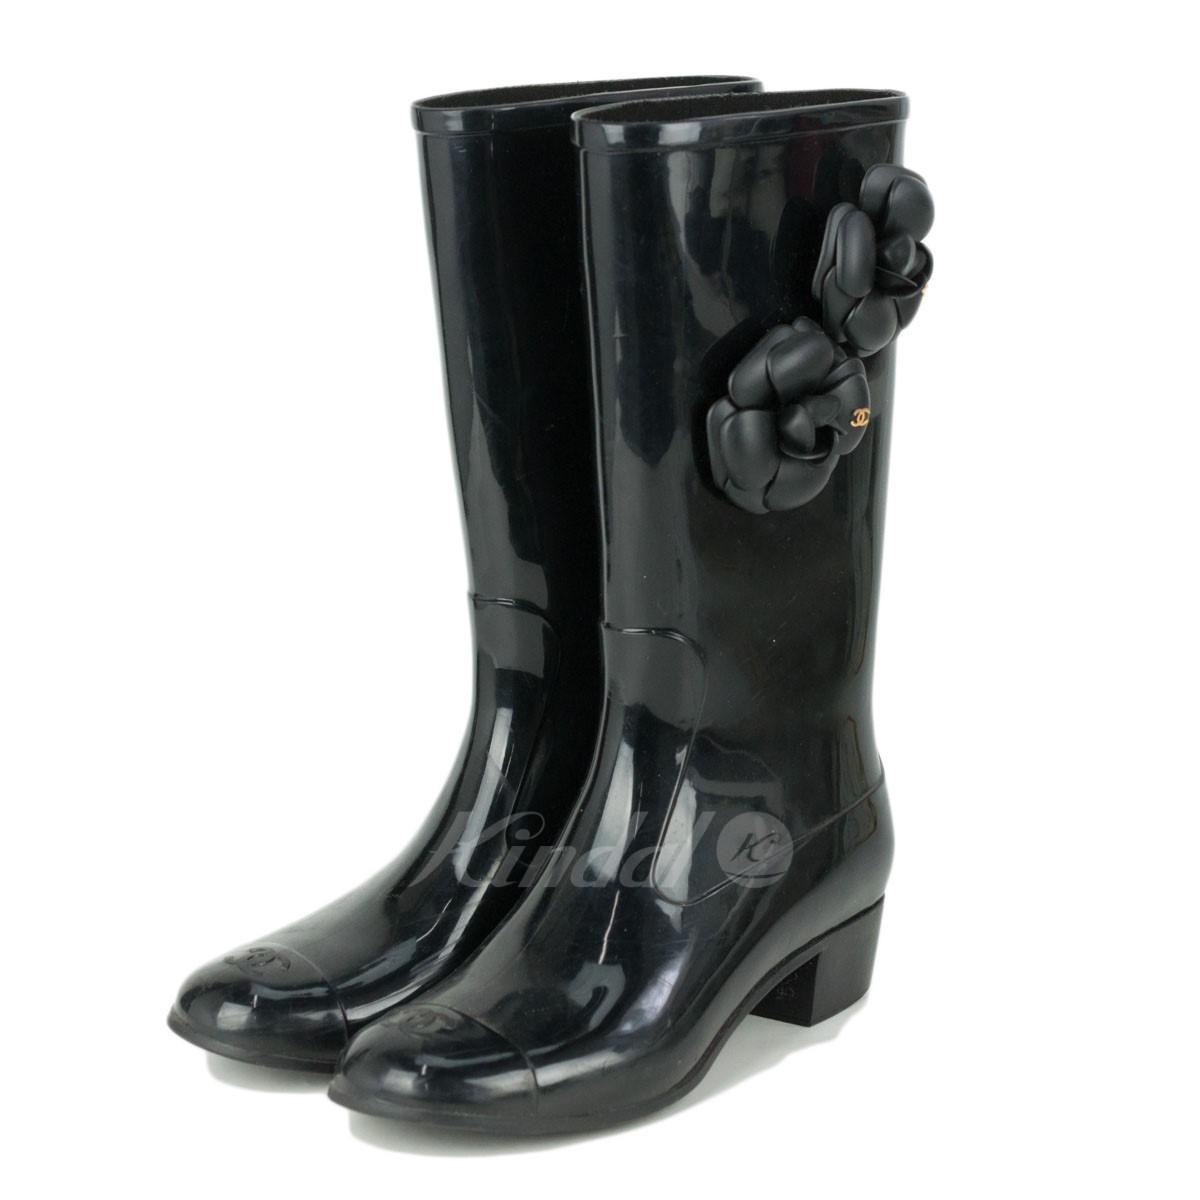 f599af021 kindal: CHANEL camellia rubber boots black size: 38 (Chanel ...